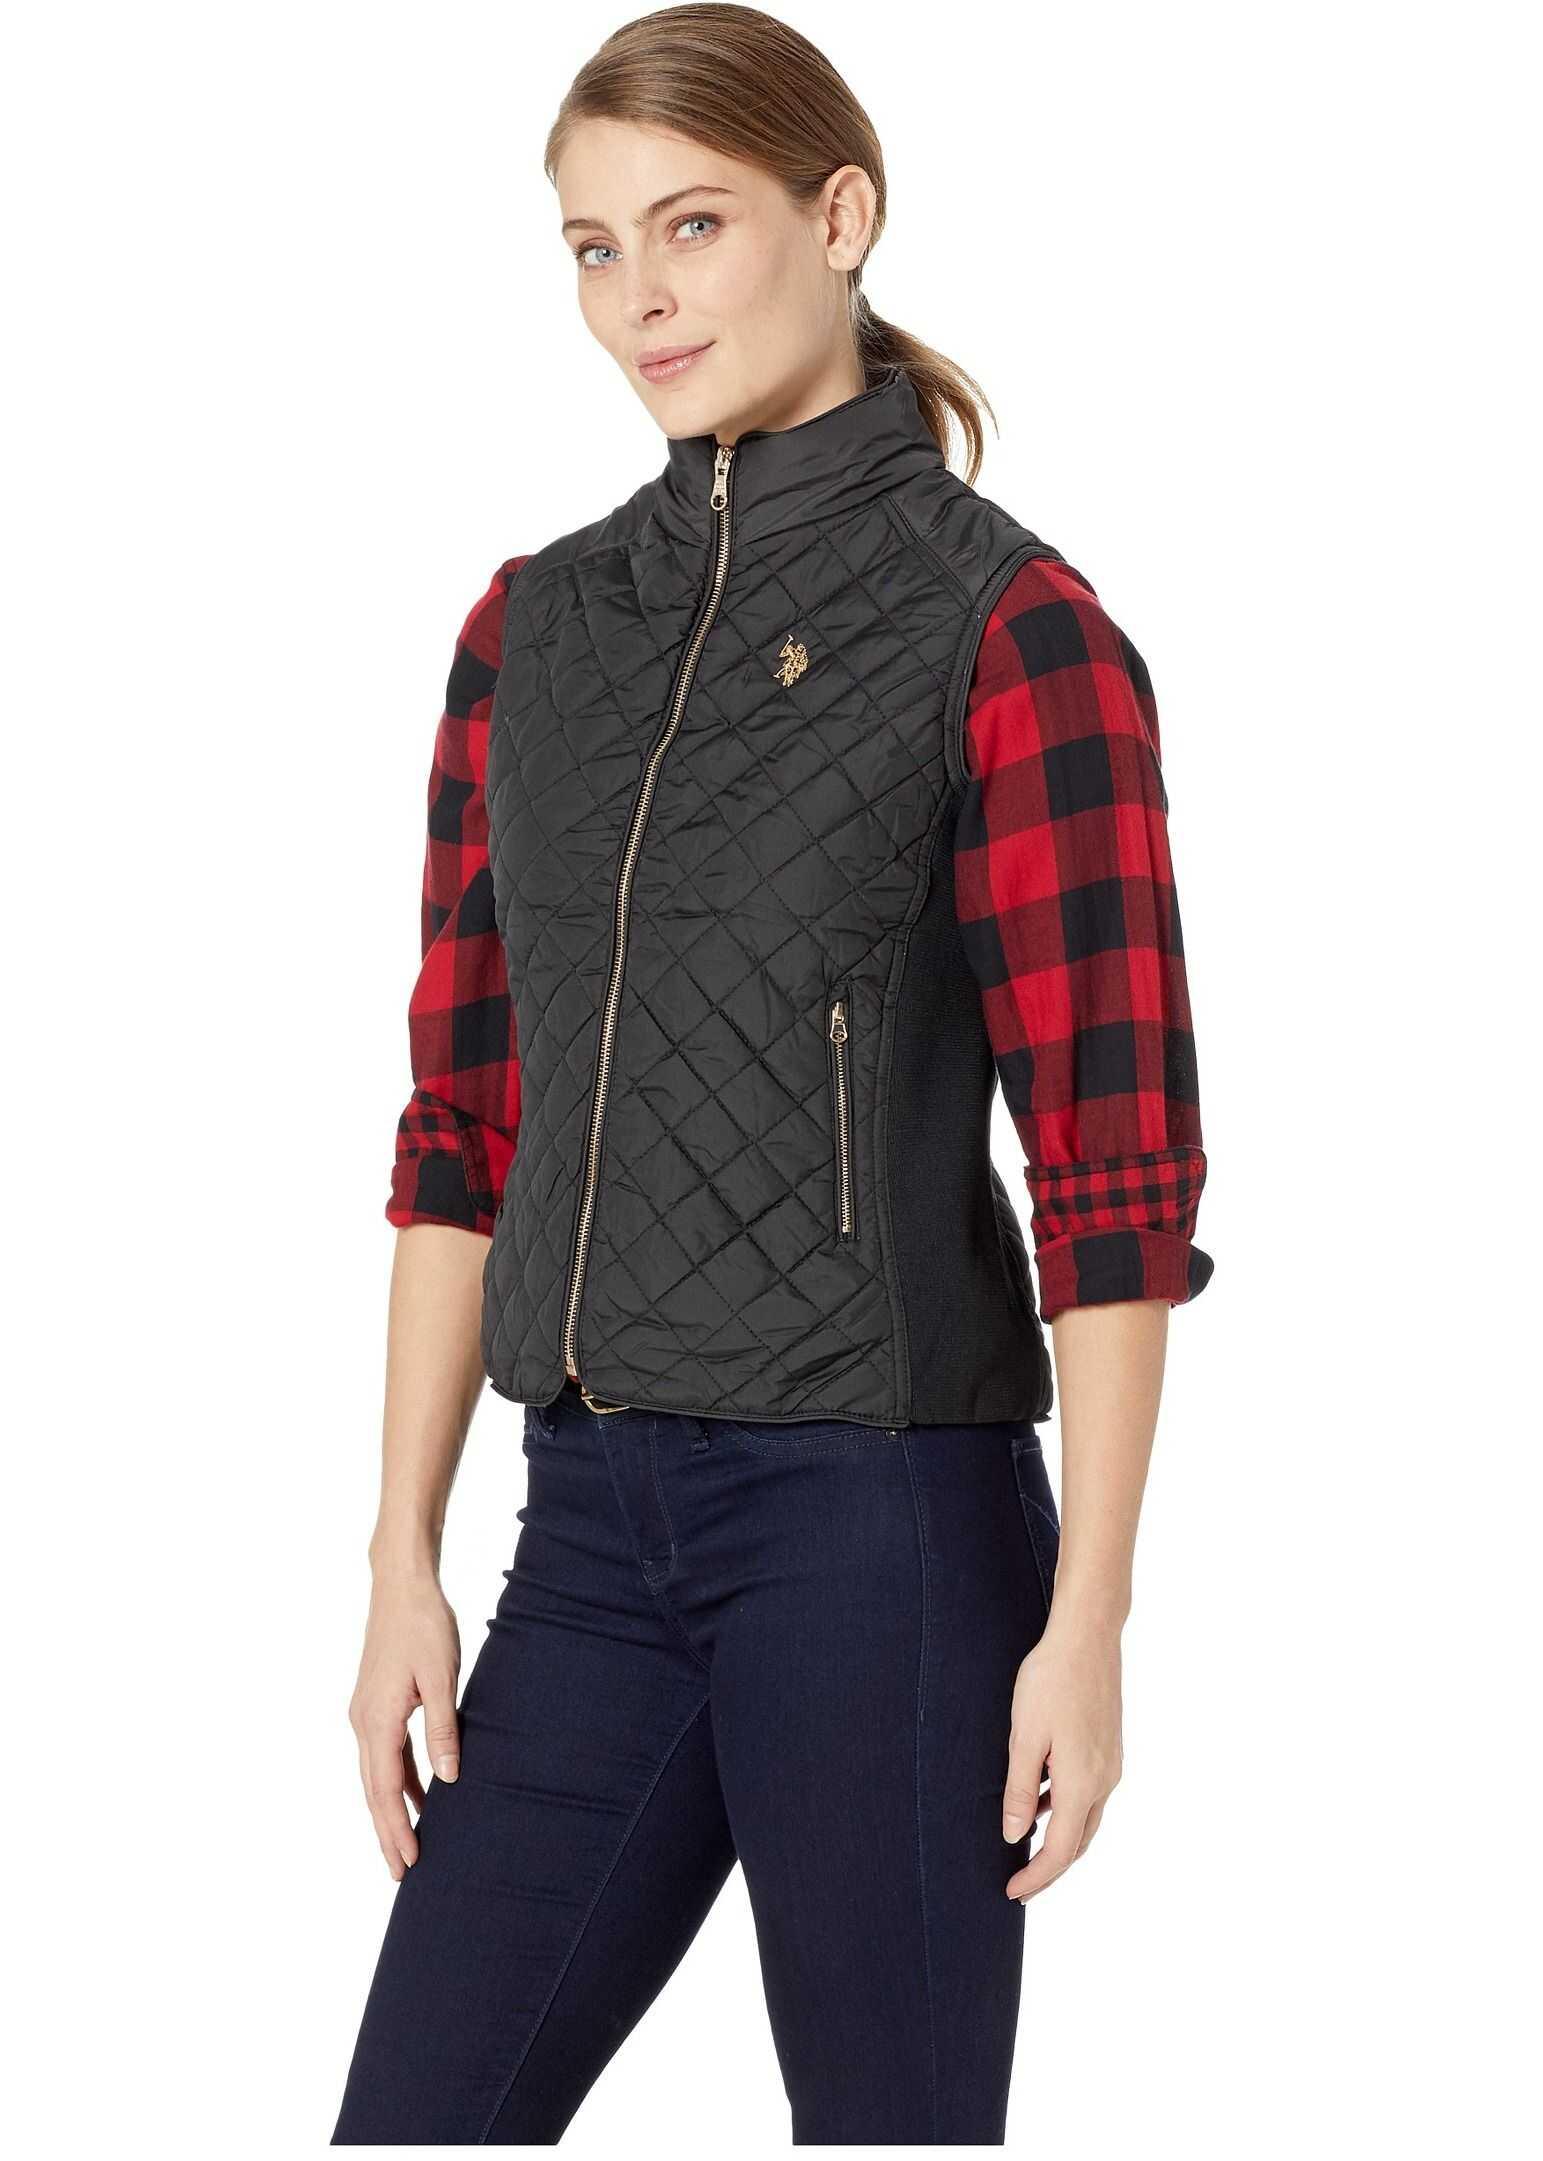 U.S. POLO ASSN. Puffer Vest Black